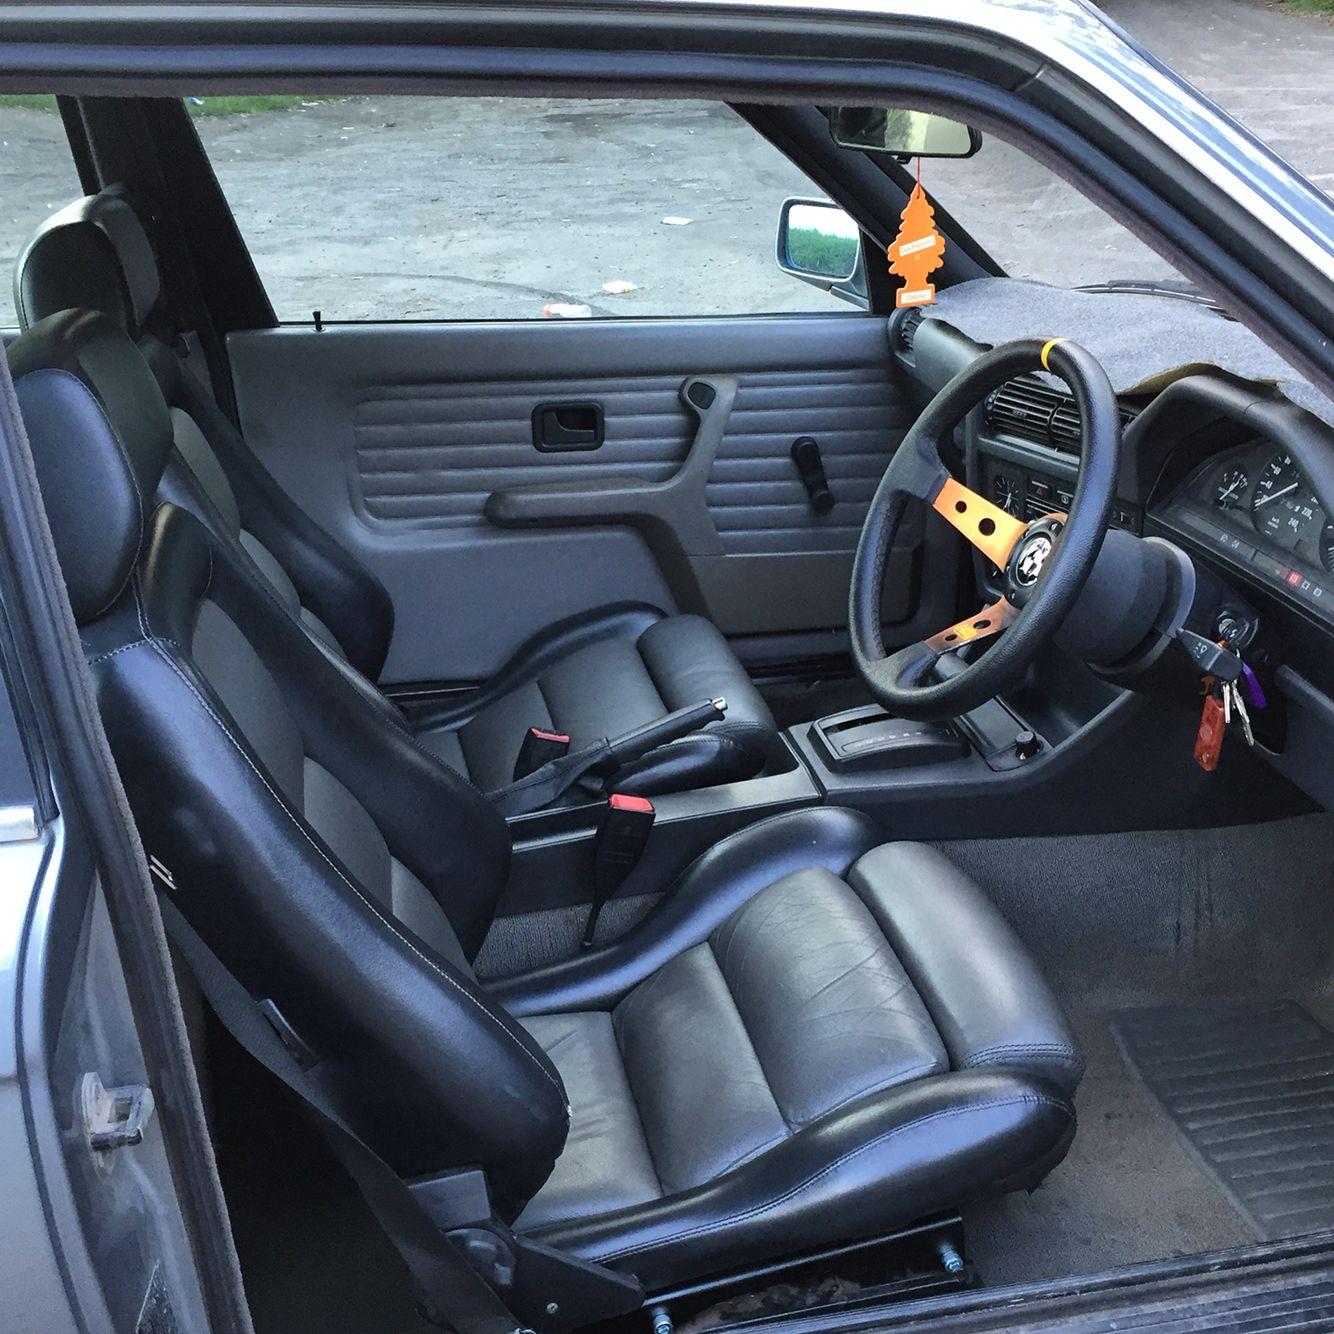 Bmw M3 Interior: Bmw E30 Interior Recaro And OMP